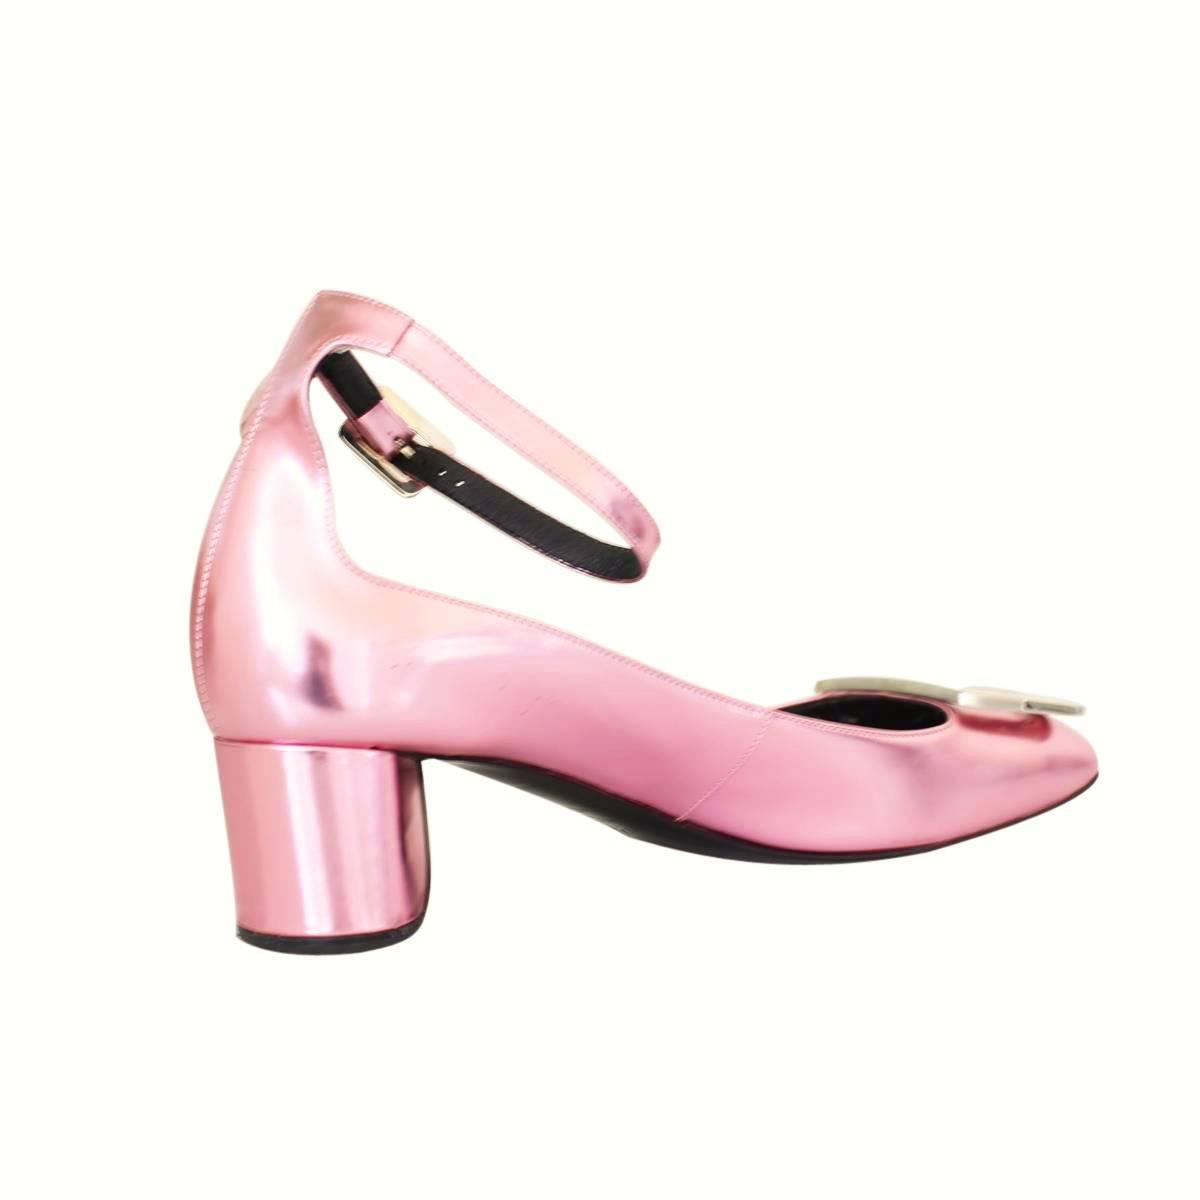 roger vivier metallized pink shoe for sale at 1stdibs. Black Bedroom Furniture Sets. Home Design Ideas